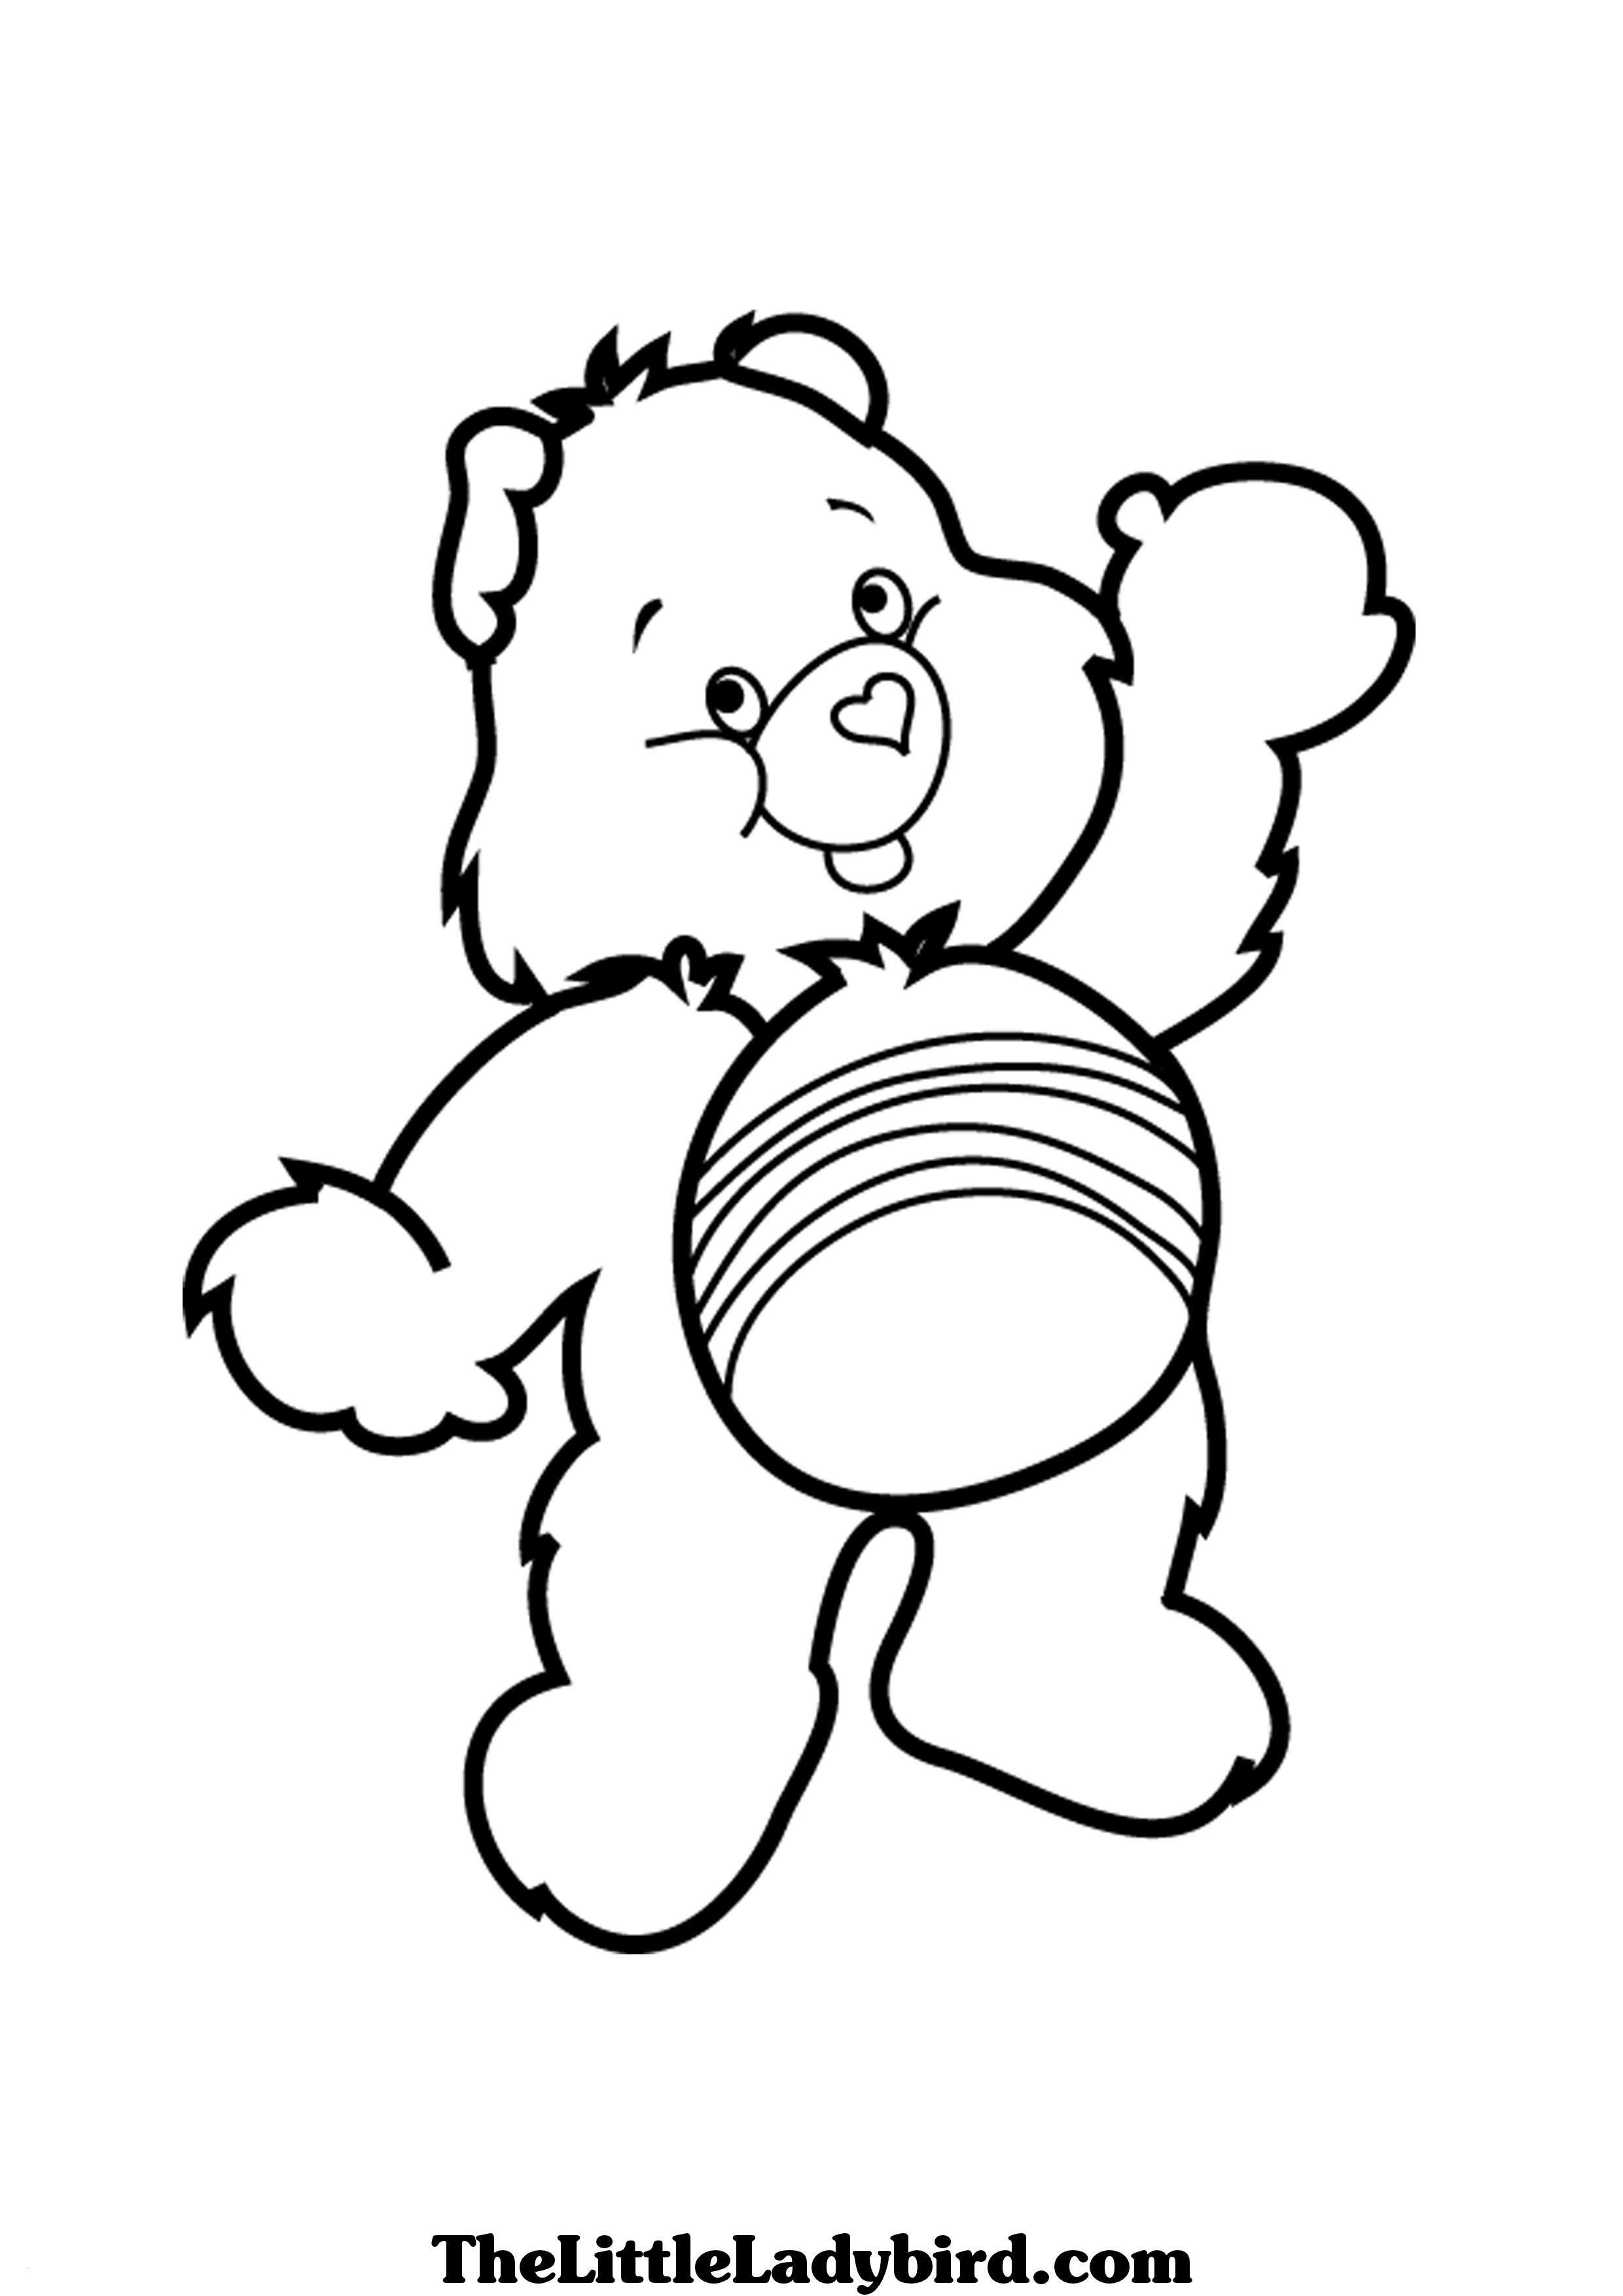 Manuel Neuer Ausmalbilder Frisch Ausmalbilder Zum Ausdrucken Bibi Und Tina Schön Care Bears Coloring Galerie